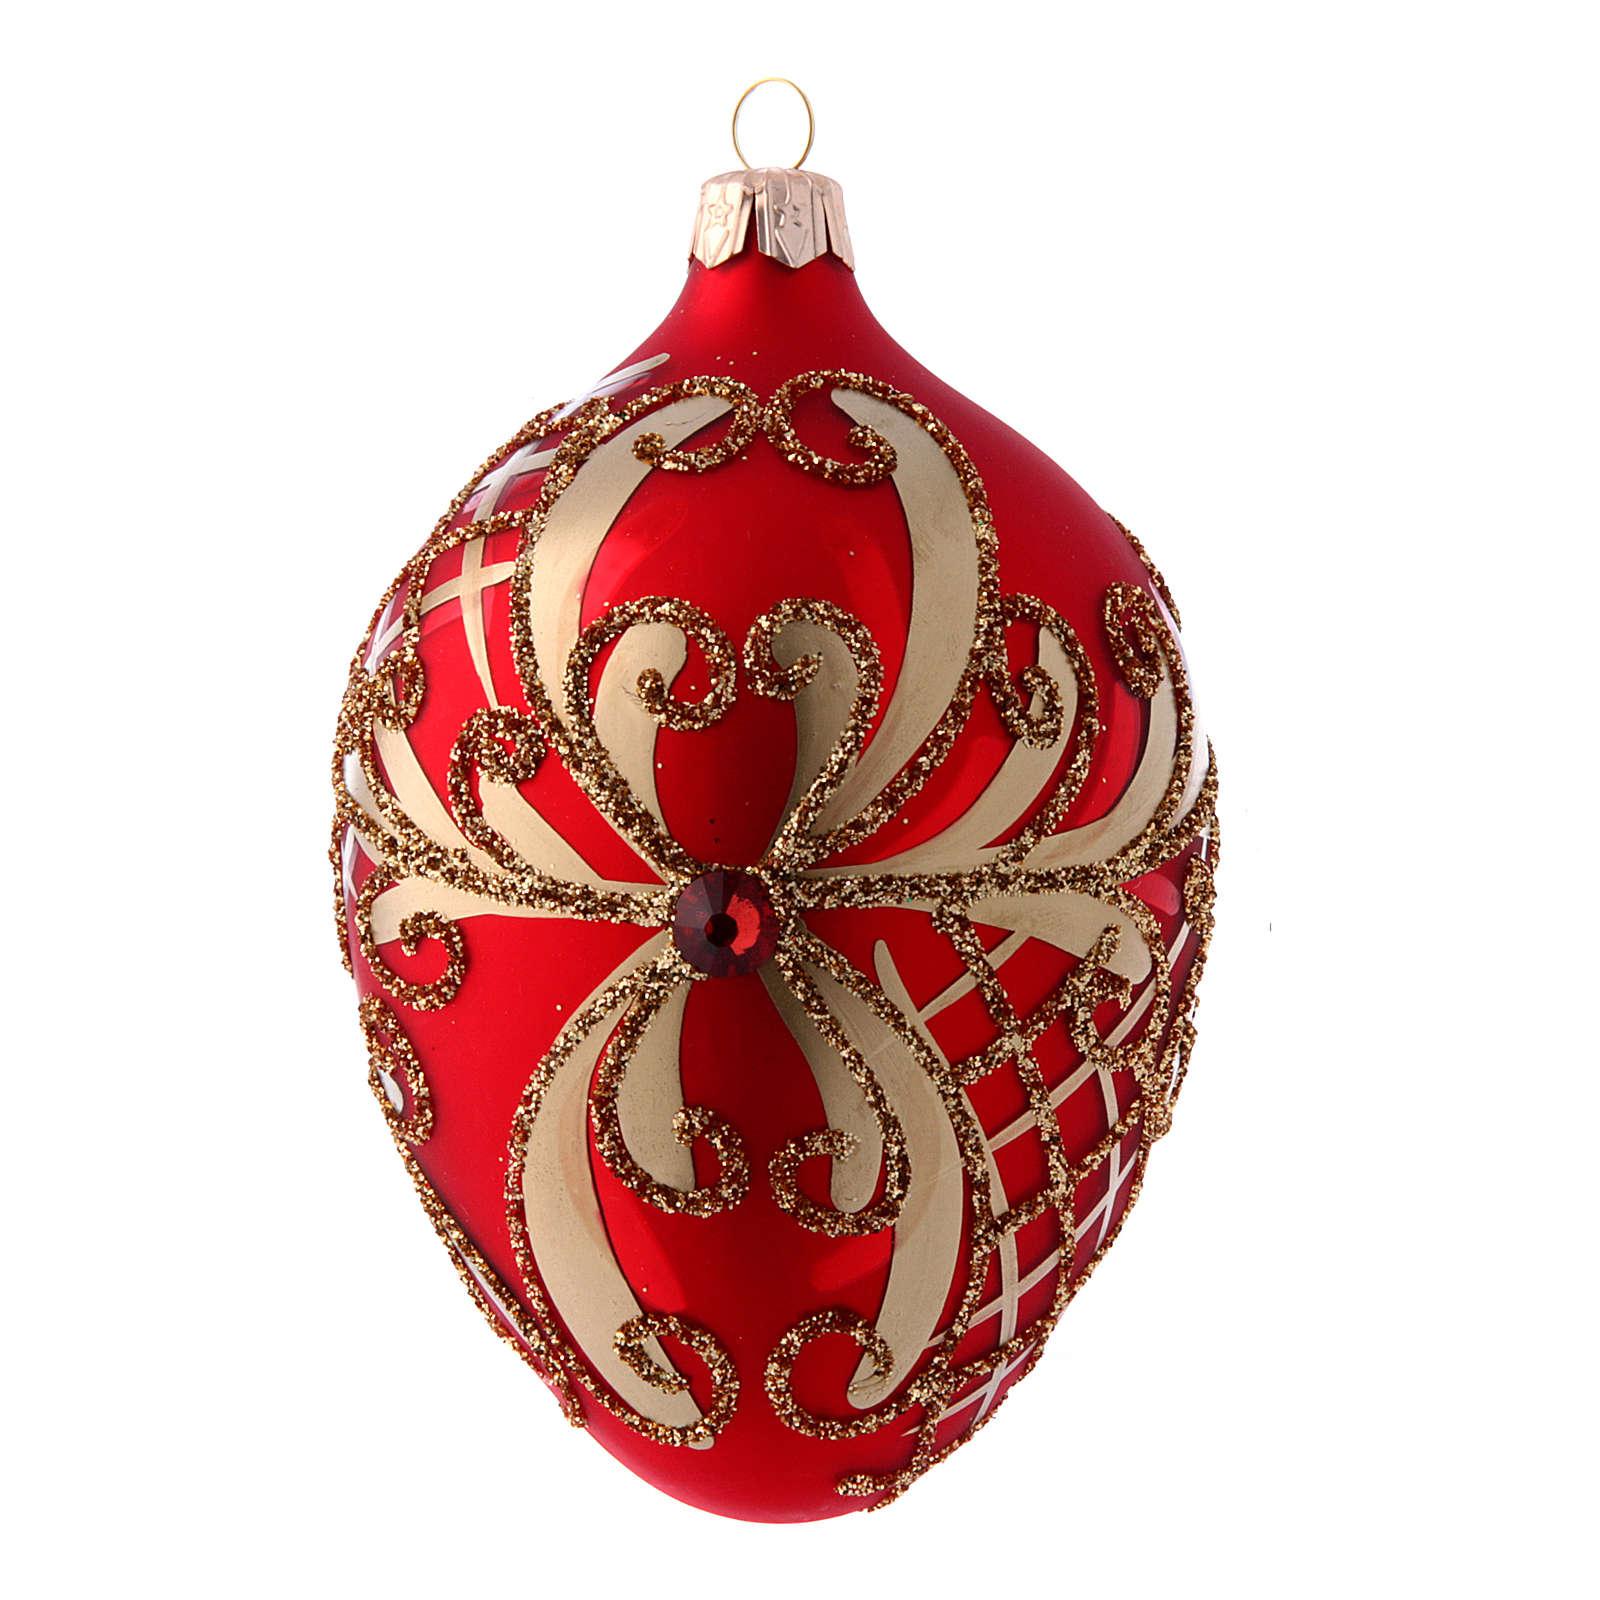 Adorno Árbol de Navidad forma huevo vidrio soplado rojo y oro 130 mm 4